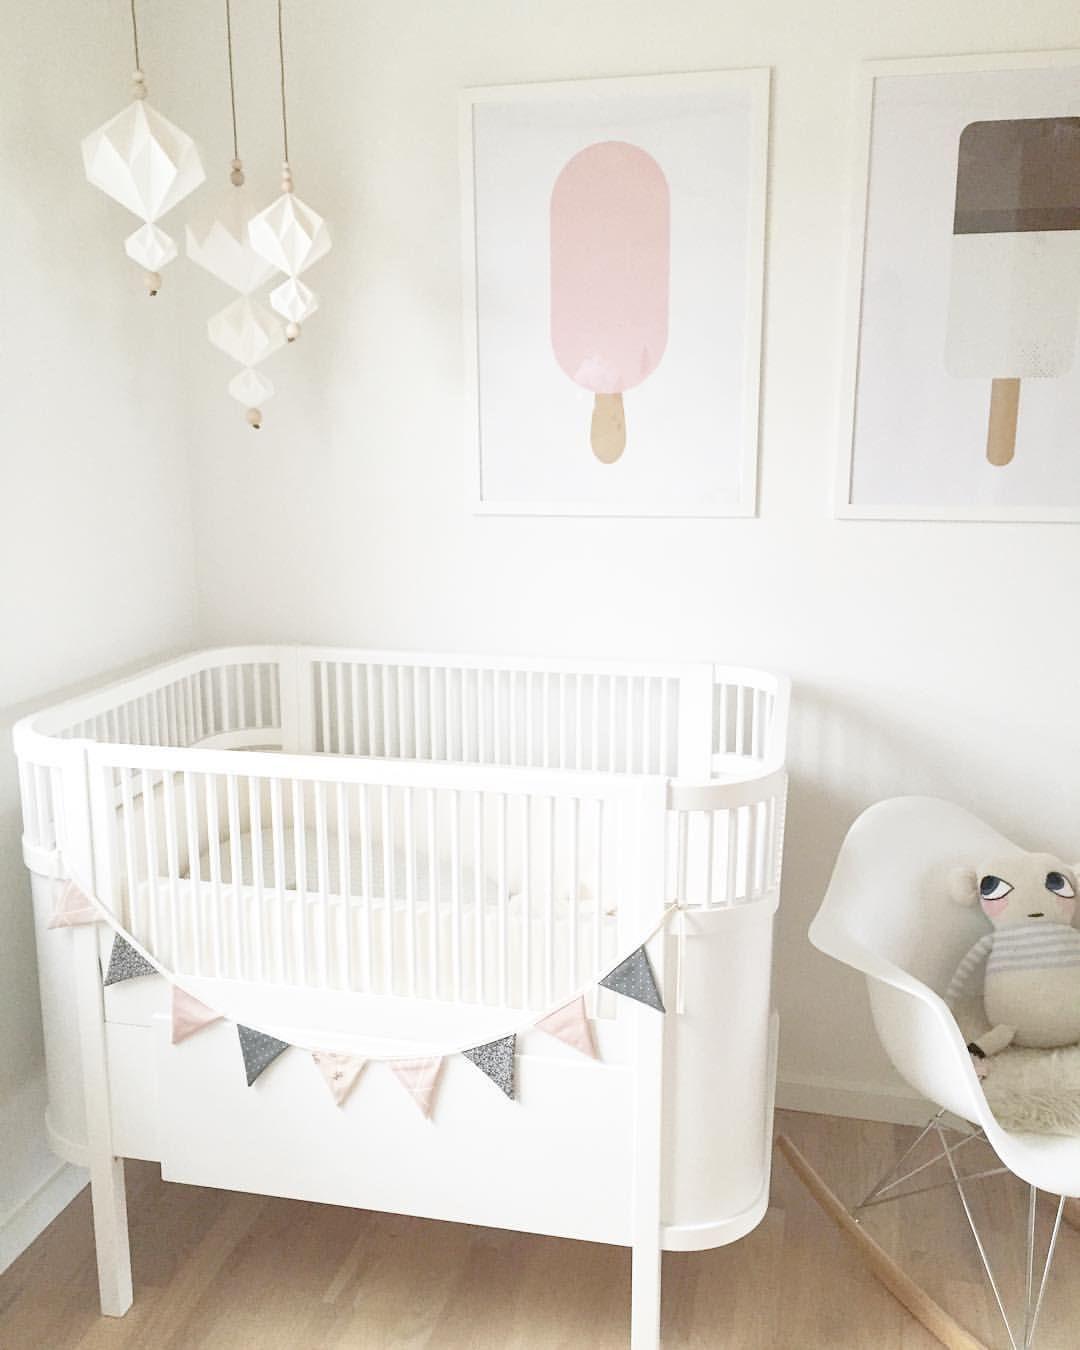 Babybett mit eis poster und wimpel in wei rosa kinderzimmer f r m dchen girls room ideas - Wimpel babyzimmer ...